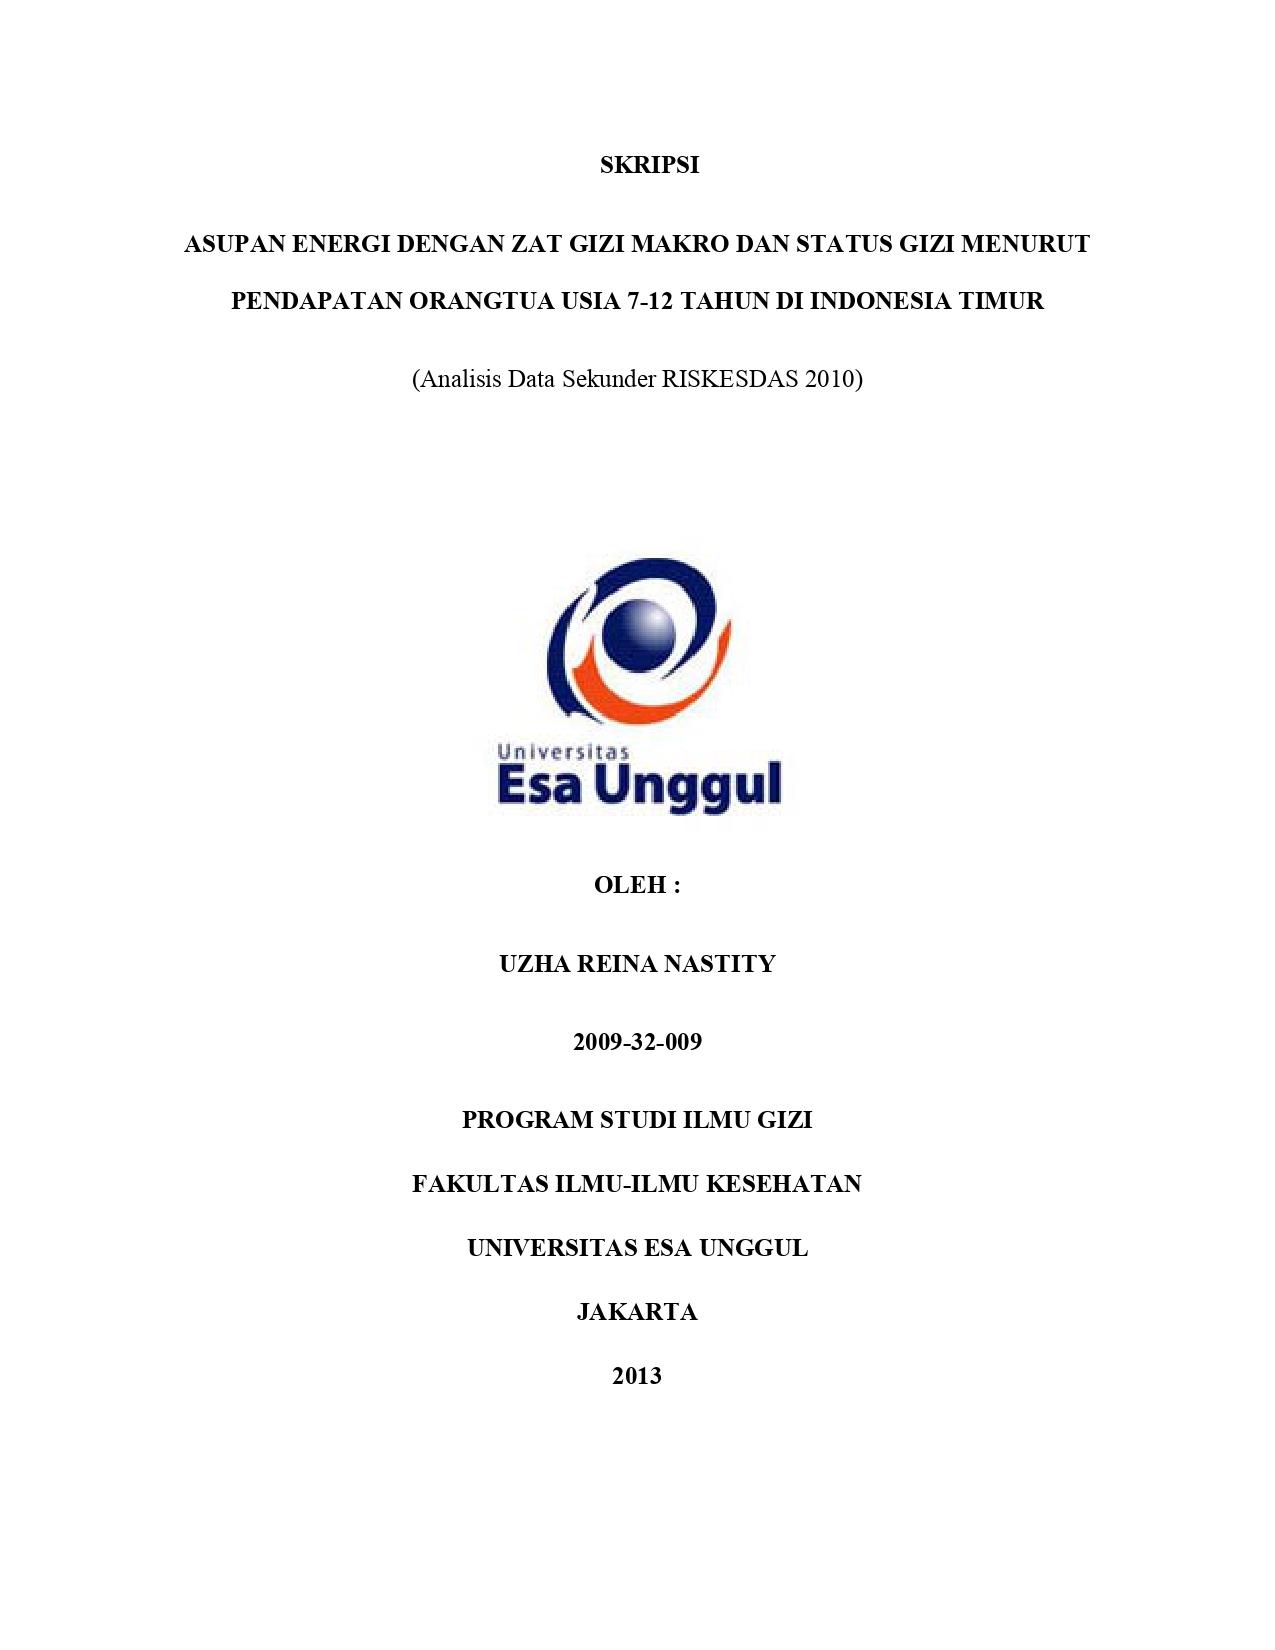 Asupan Energi dengan Zat Gizi Makro dan Status Gizi Menurut Pendapatan Orangtua Usia 7-12 Tahun di Indonesia Timur (Analisis Data Sekunder Riskesdas 2010)